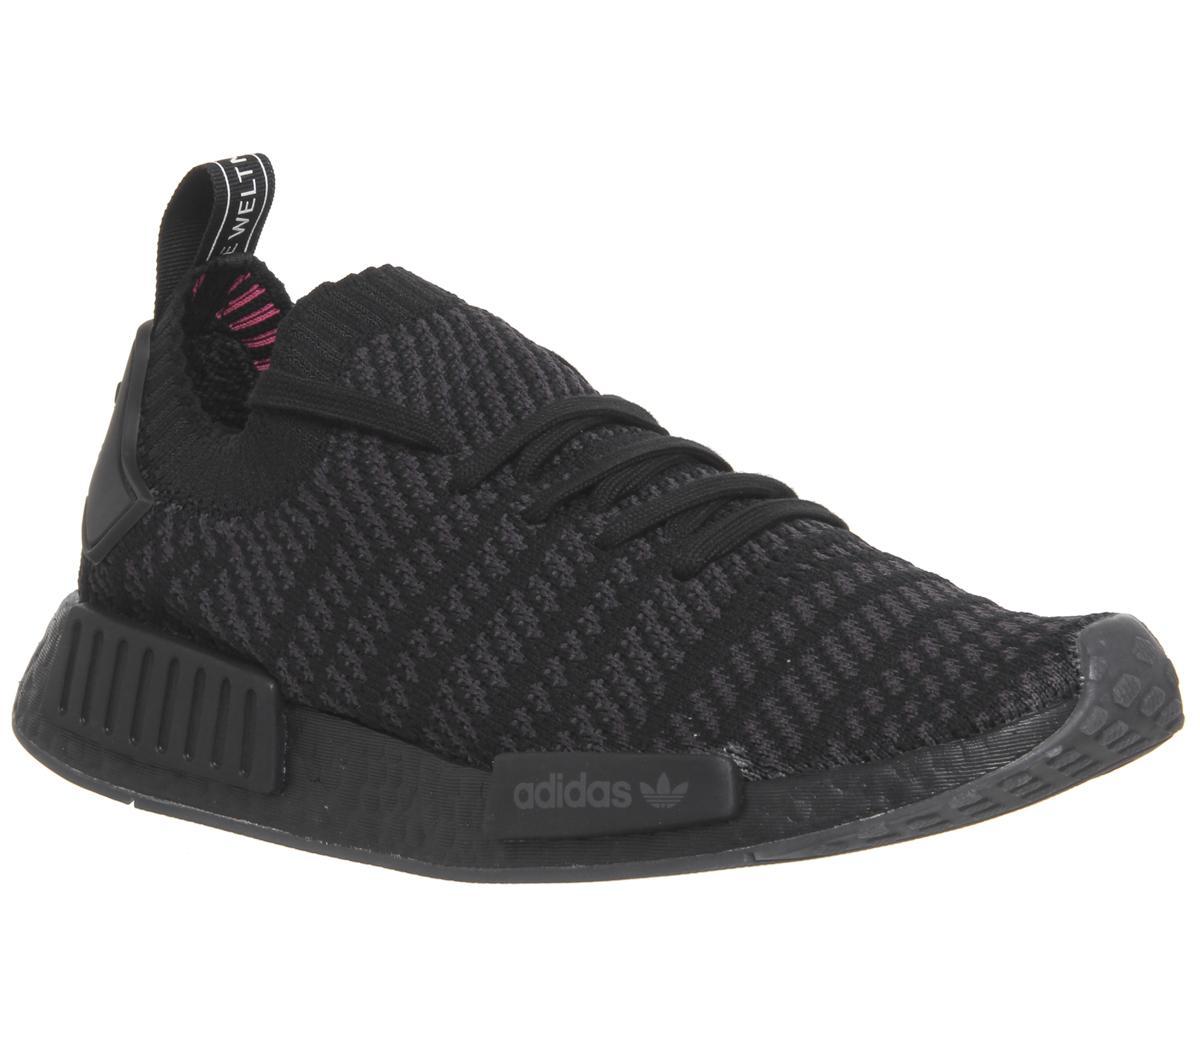 Adidas NMD R1 Core Black Utility Black